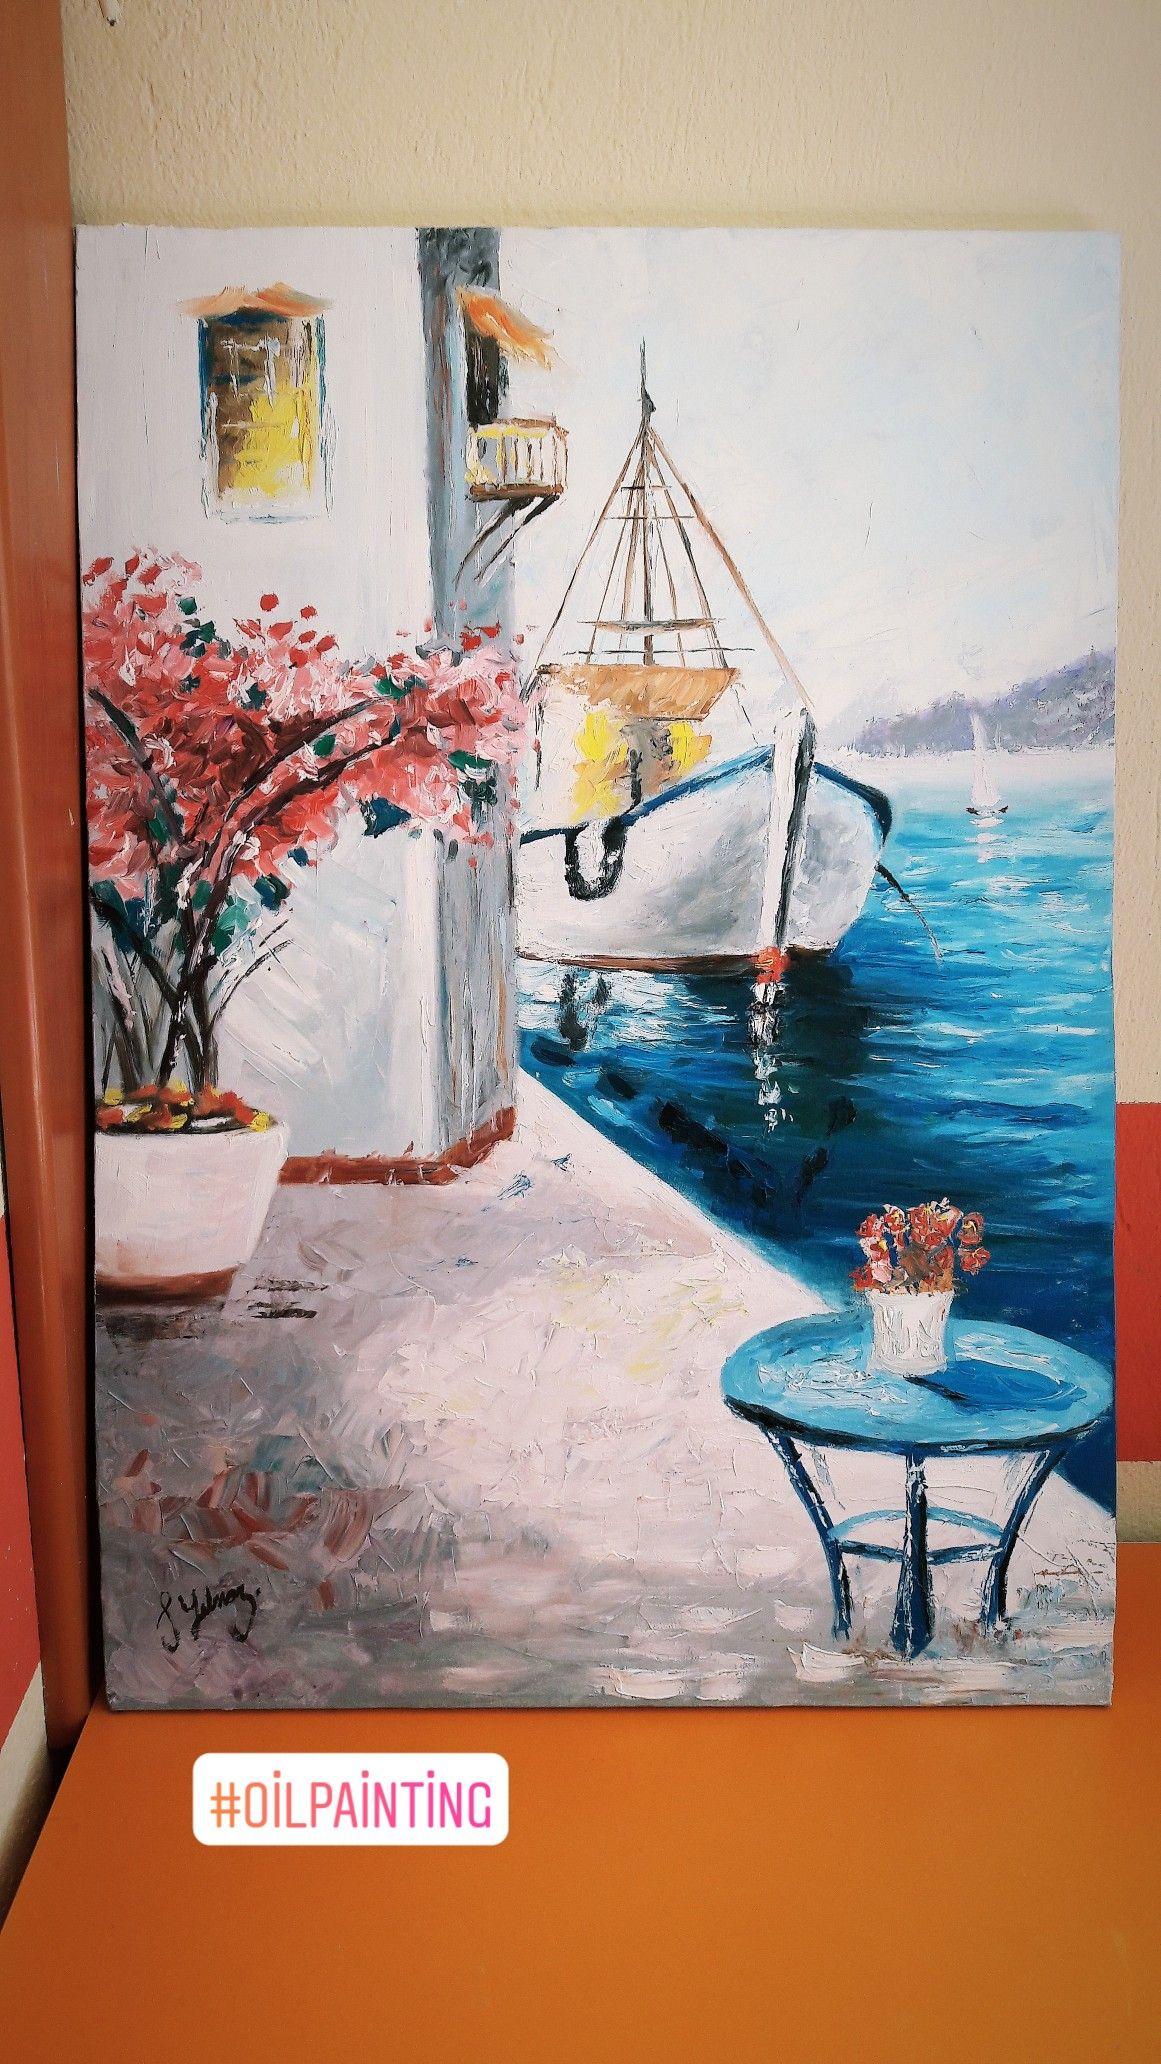 Manzara Art Oilpainting Manzararesimleri Yagliboya Sanatsal Sanat 50 70 Tuval Yagli Boya Calismasi Tuval Resimleri Tuval Sanati Yagliboya Sanat